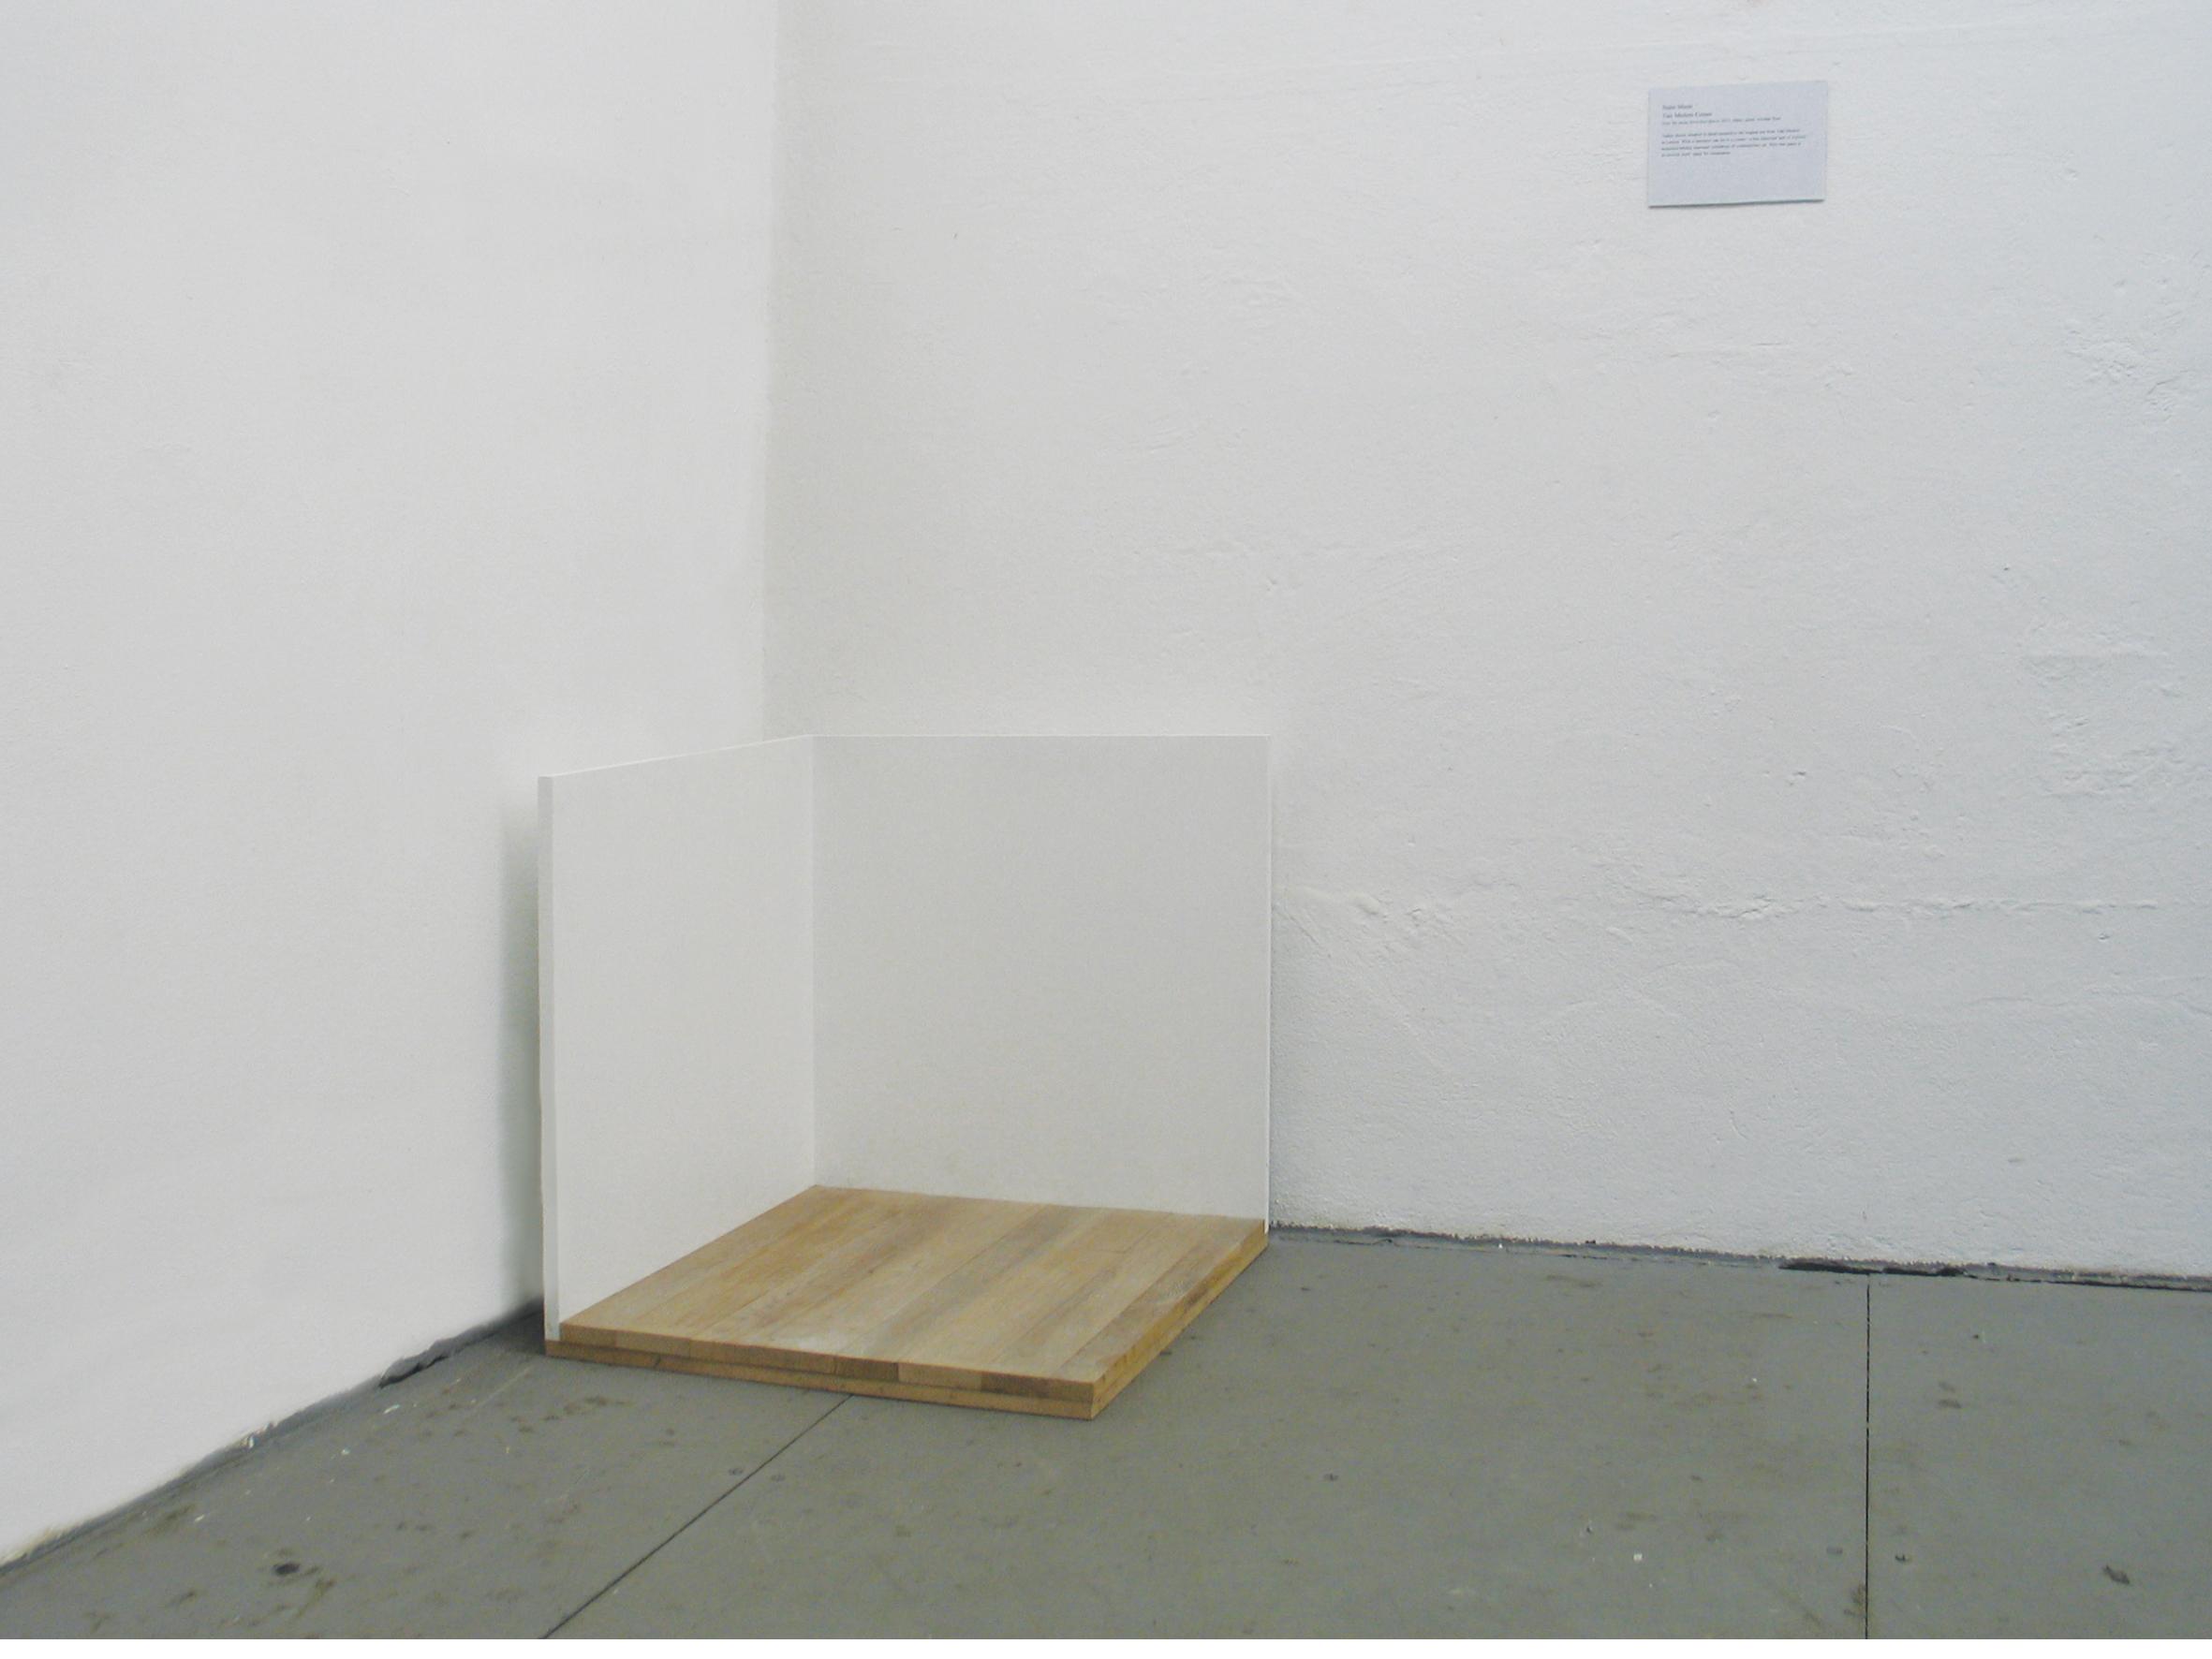 Stano Masár: Tate Modern-sarok az Áthelyezett terek sorozatból, 2012; A művész jóvoltából